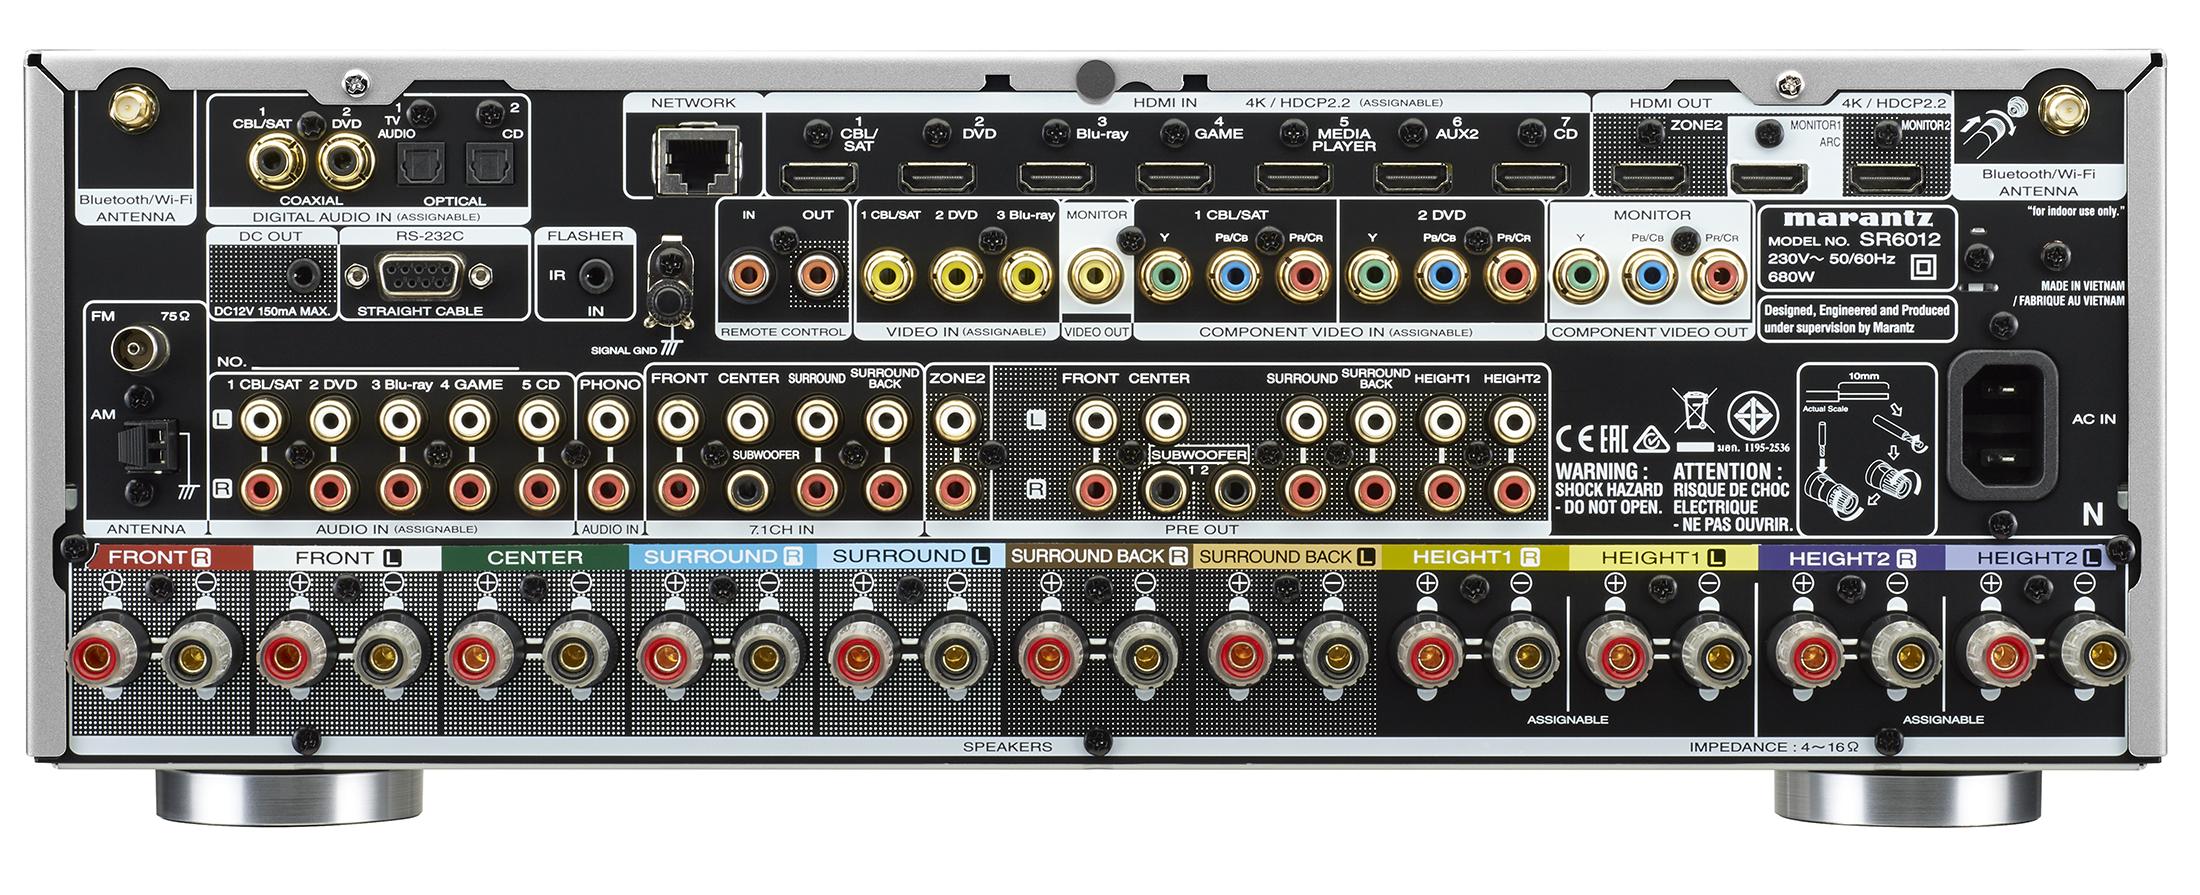 SR5012 und SR6012: Marantz stellt zwei neue vernetzte AV-Receiver vor -